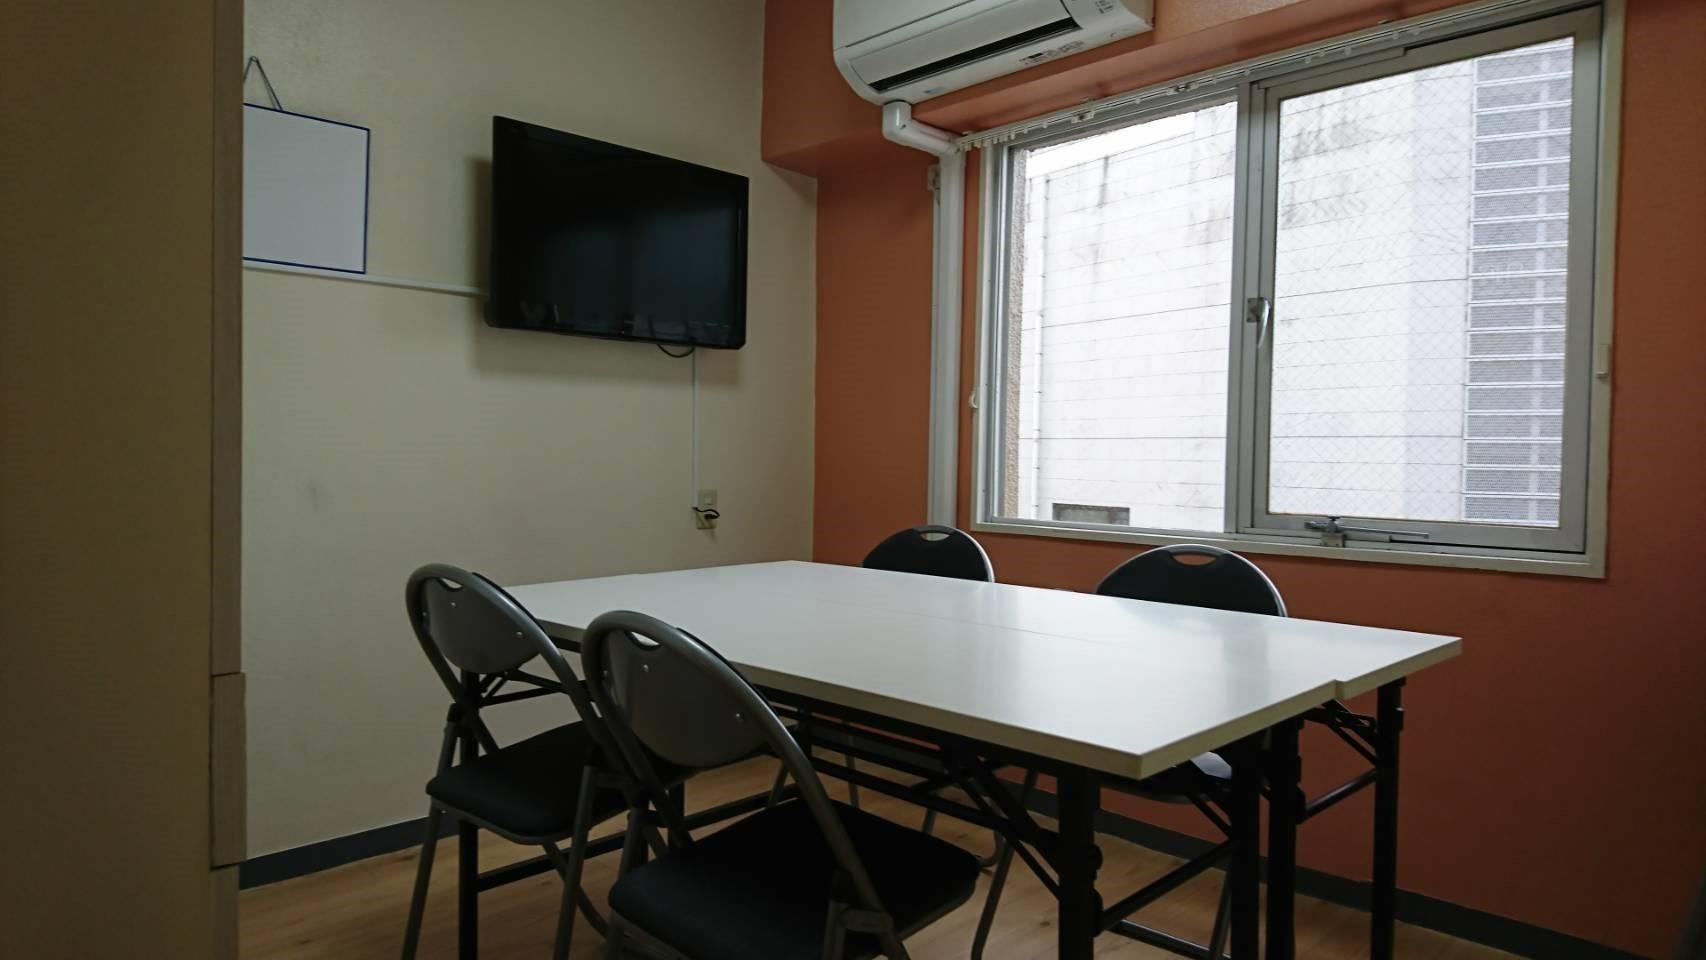 【オープニングセール継続中】キャナルシティ直ぐヨコ!便利な会議室 608 のカバー写真